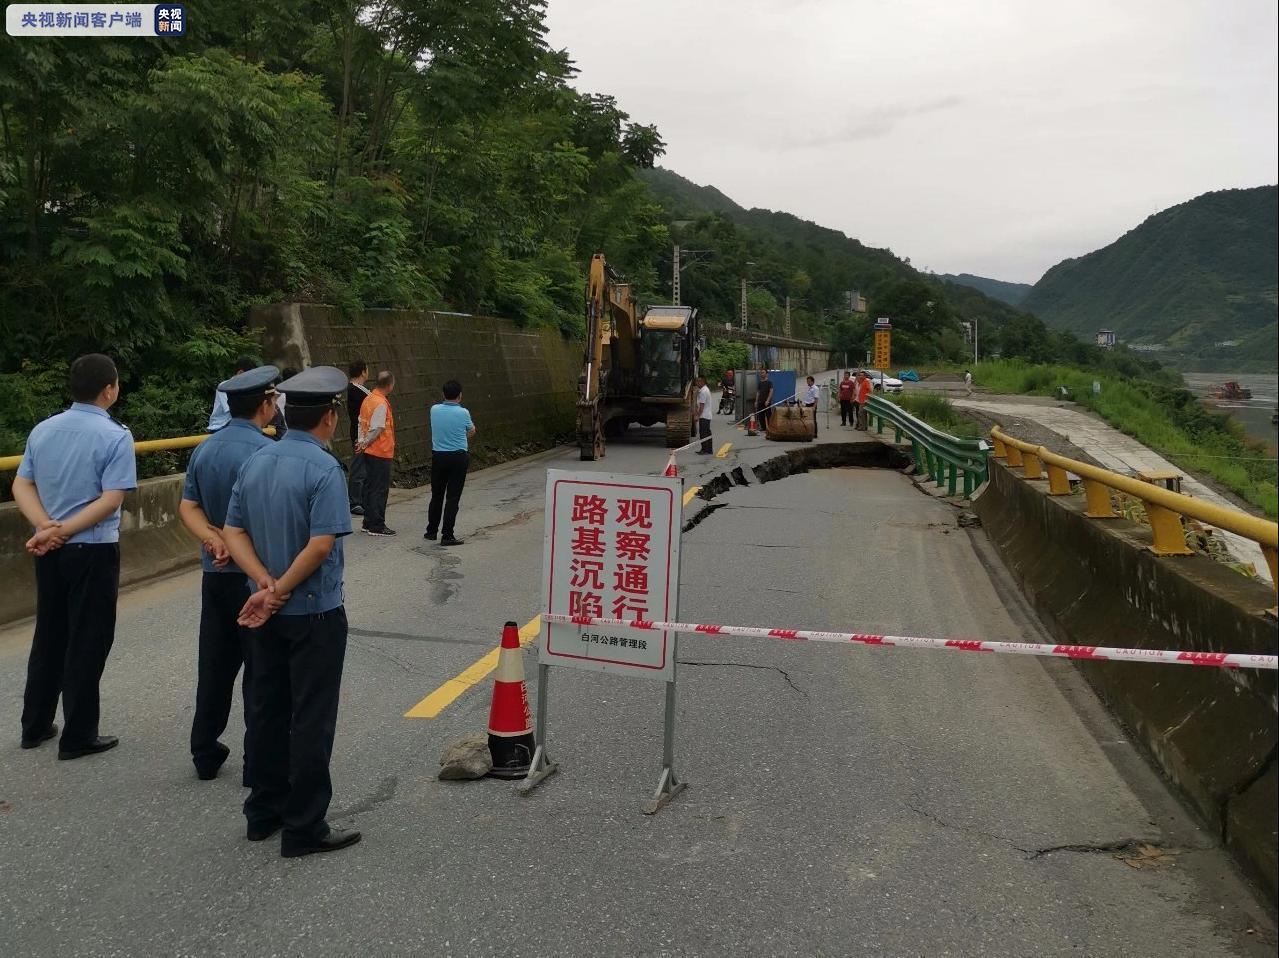 杏悦:316陕西安康白河段因路面塌陷实行交杏悦图片